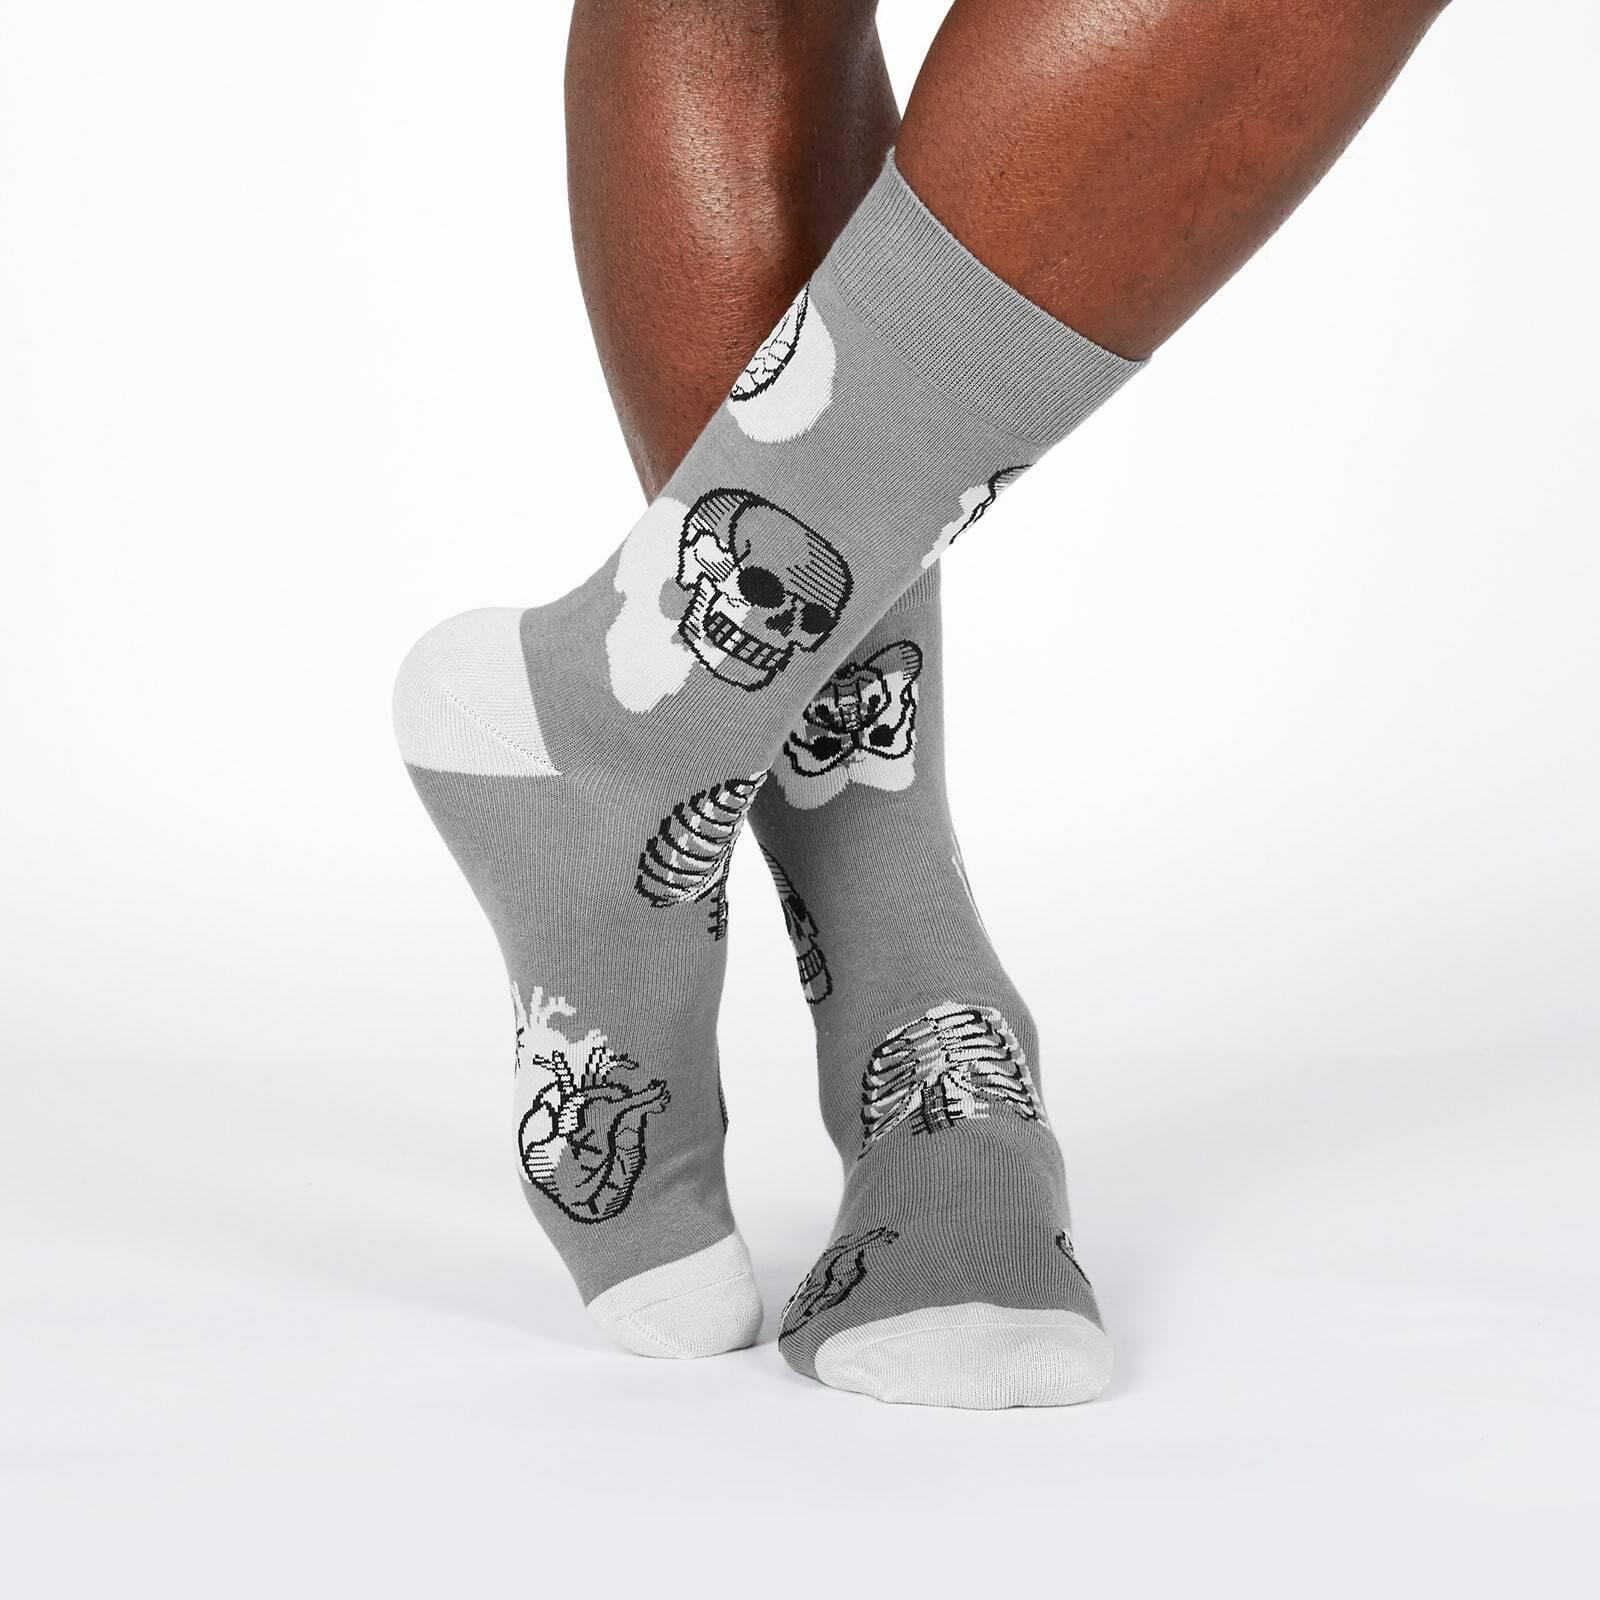 model wearing Head Over Heel - Human Anatomy Crew Socks Grey - Men's